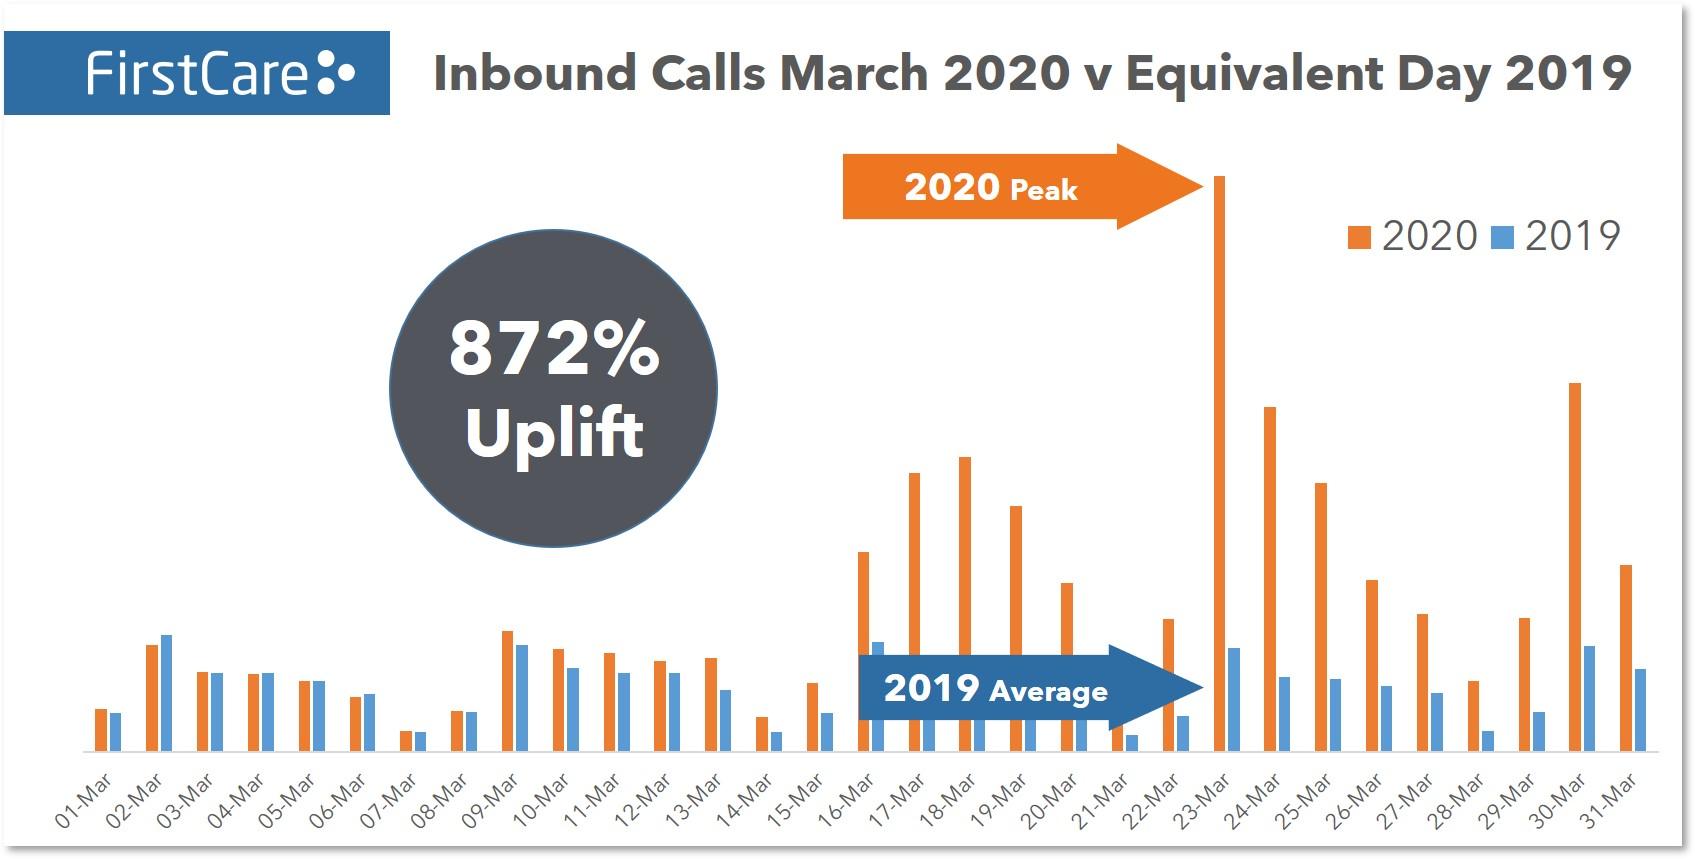 FirstCare - Inbound Calls March 2020